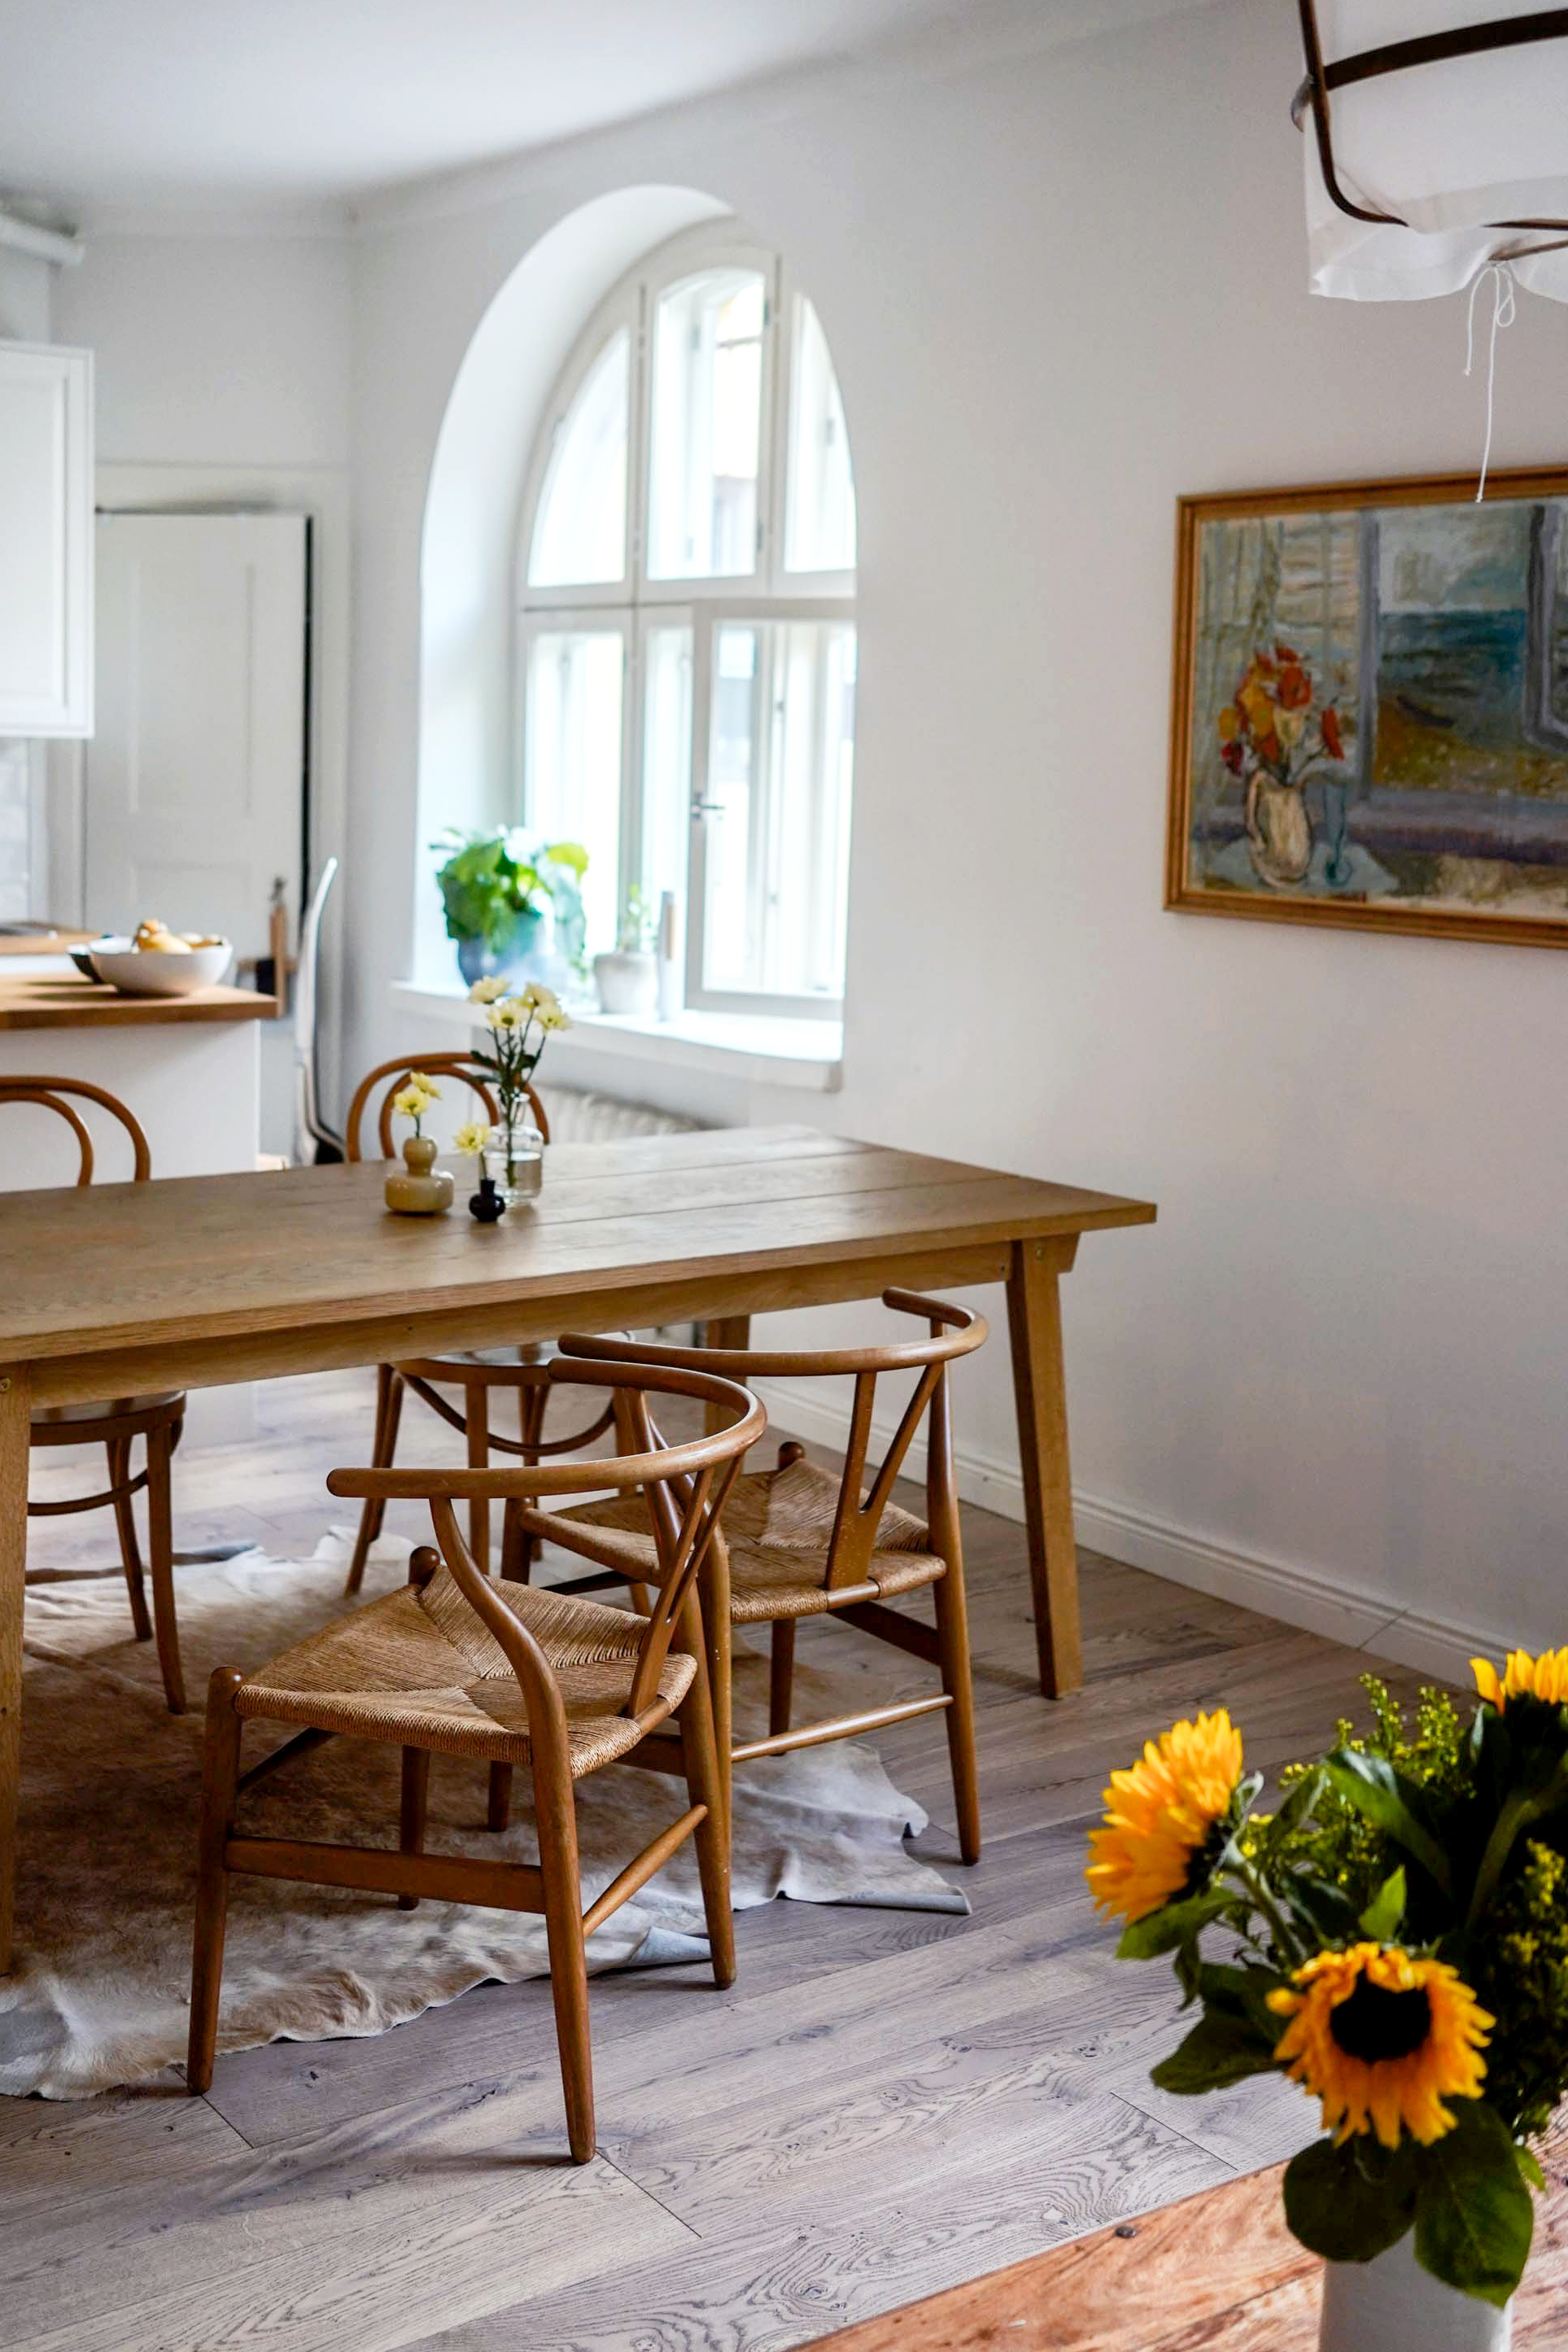 Yksi kuva, monta toteutunutta unelmaa: ikioma koti, pitkä pöytä jonka ääressä puhe raikaa ja viini läikkyy… ja ne tuolit.